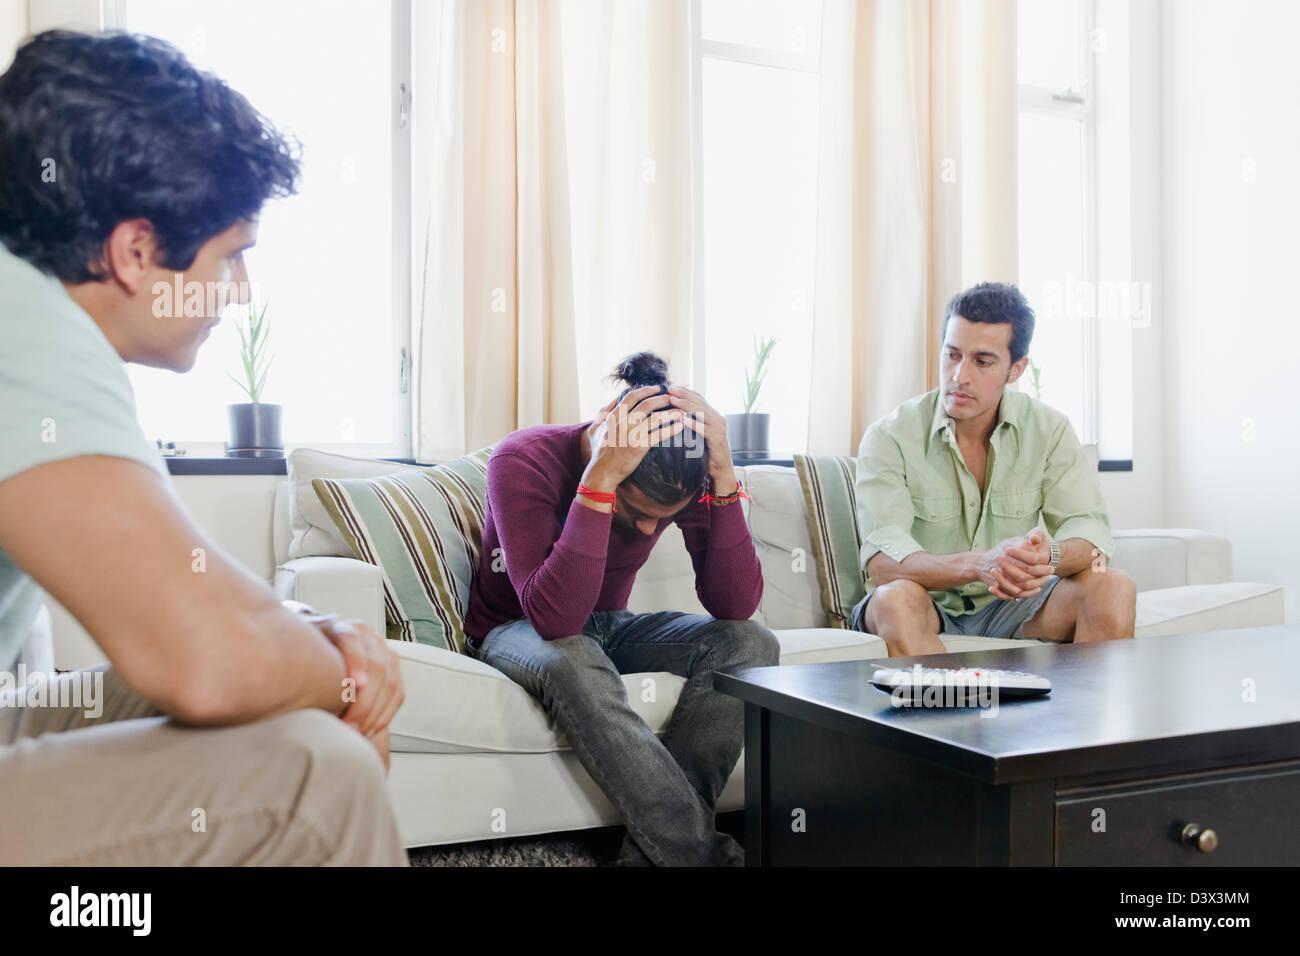 Uomini Mexican-American aiutando un amico a risolvere problemi personali mediante intervento di gruppo Foto Stock